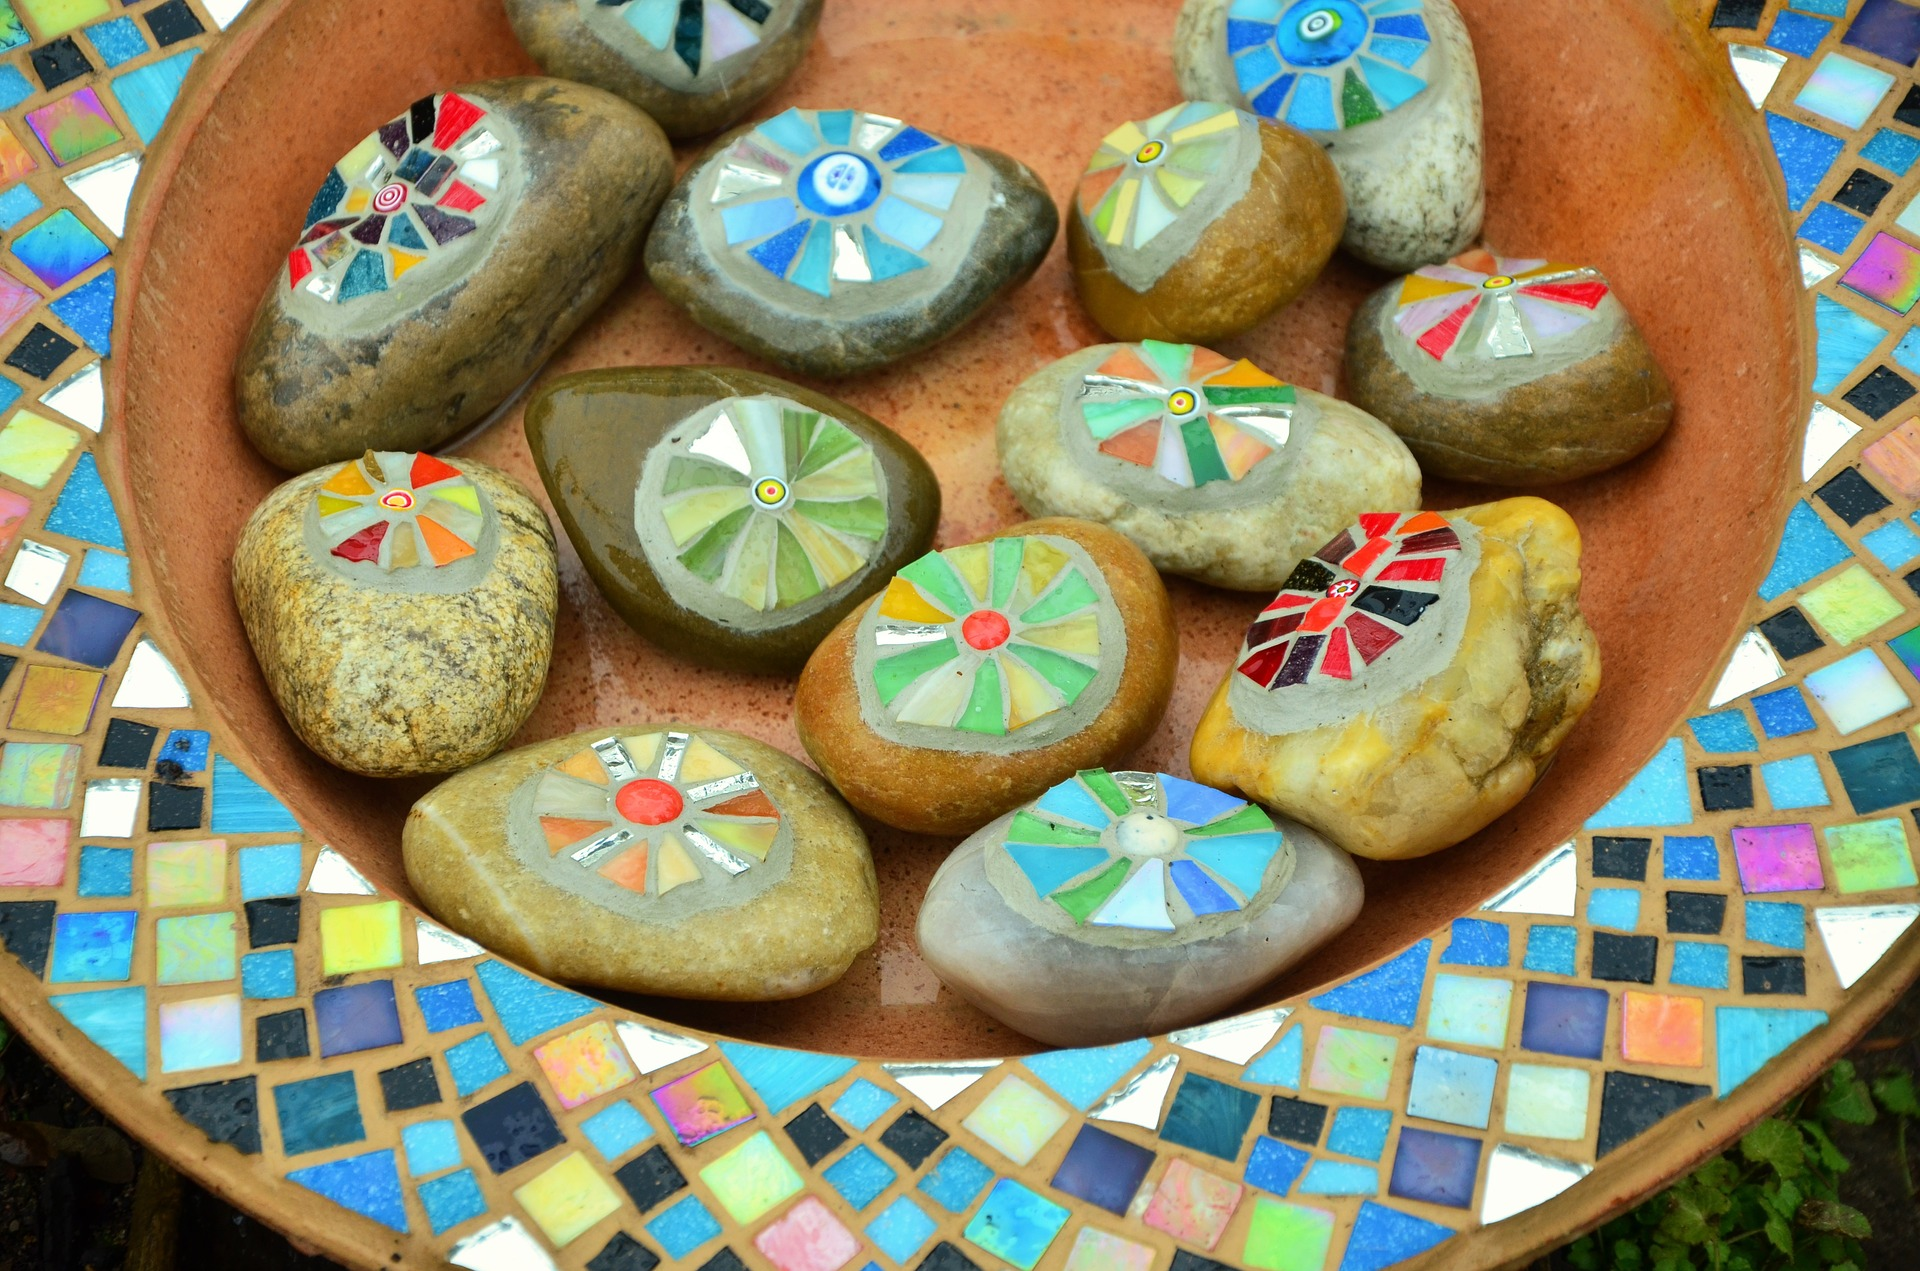 Stones 1242476 1920